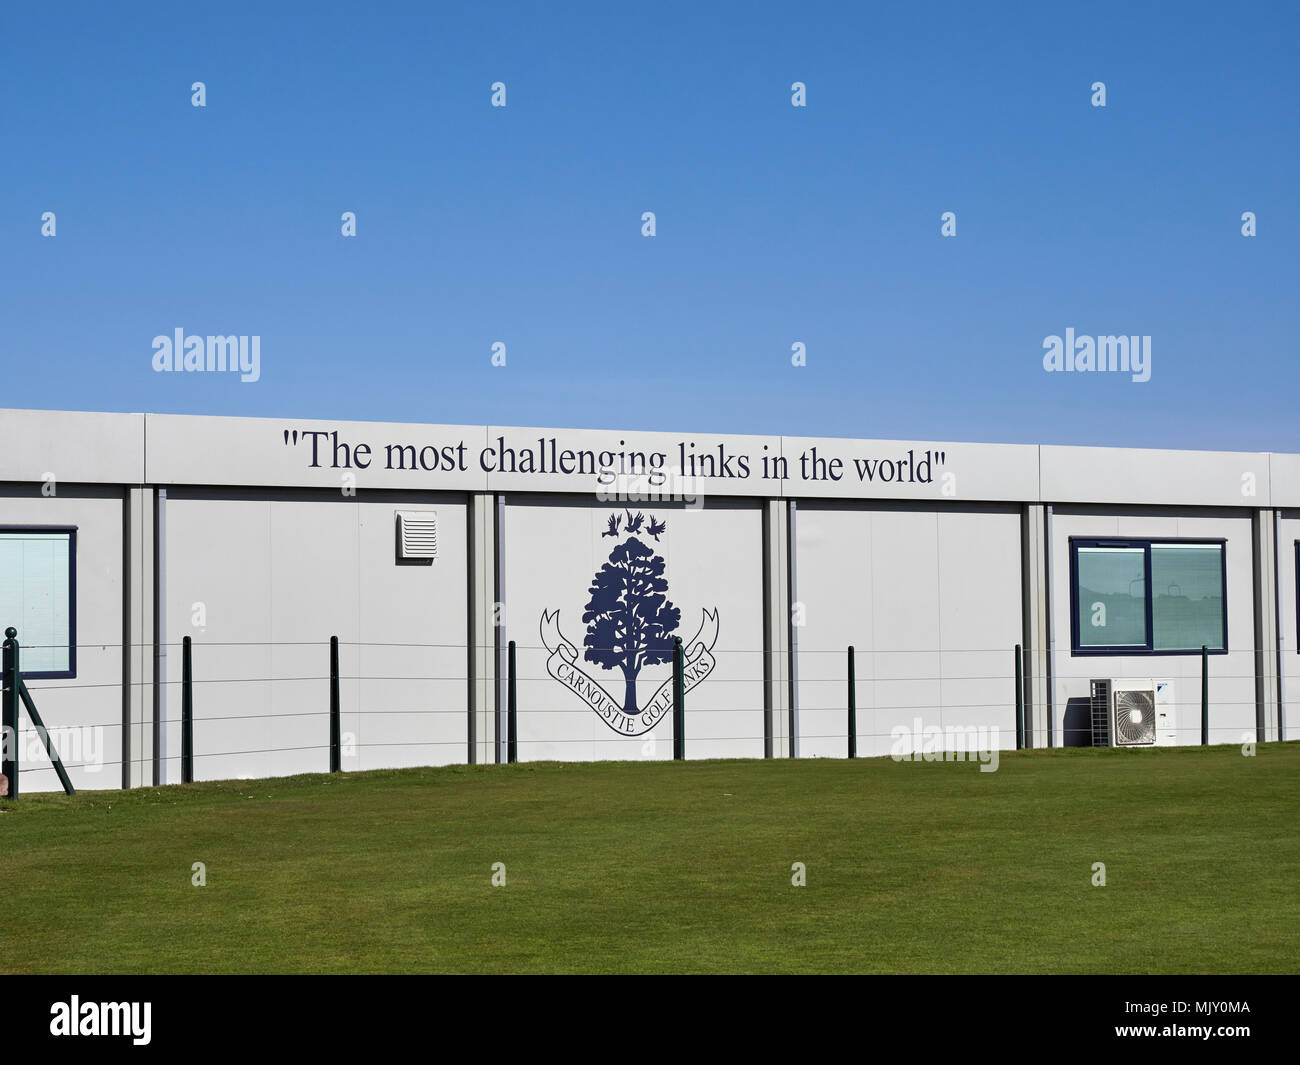 Die meisten schwierigen Verbindungen in der Welt der Slogan auf dem Putting Green bei Carnoustie Angus Links in Schottland. Stockbild